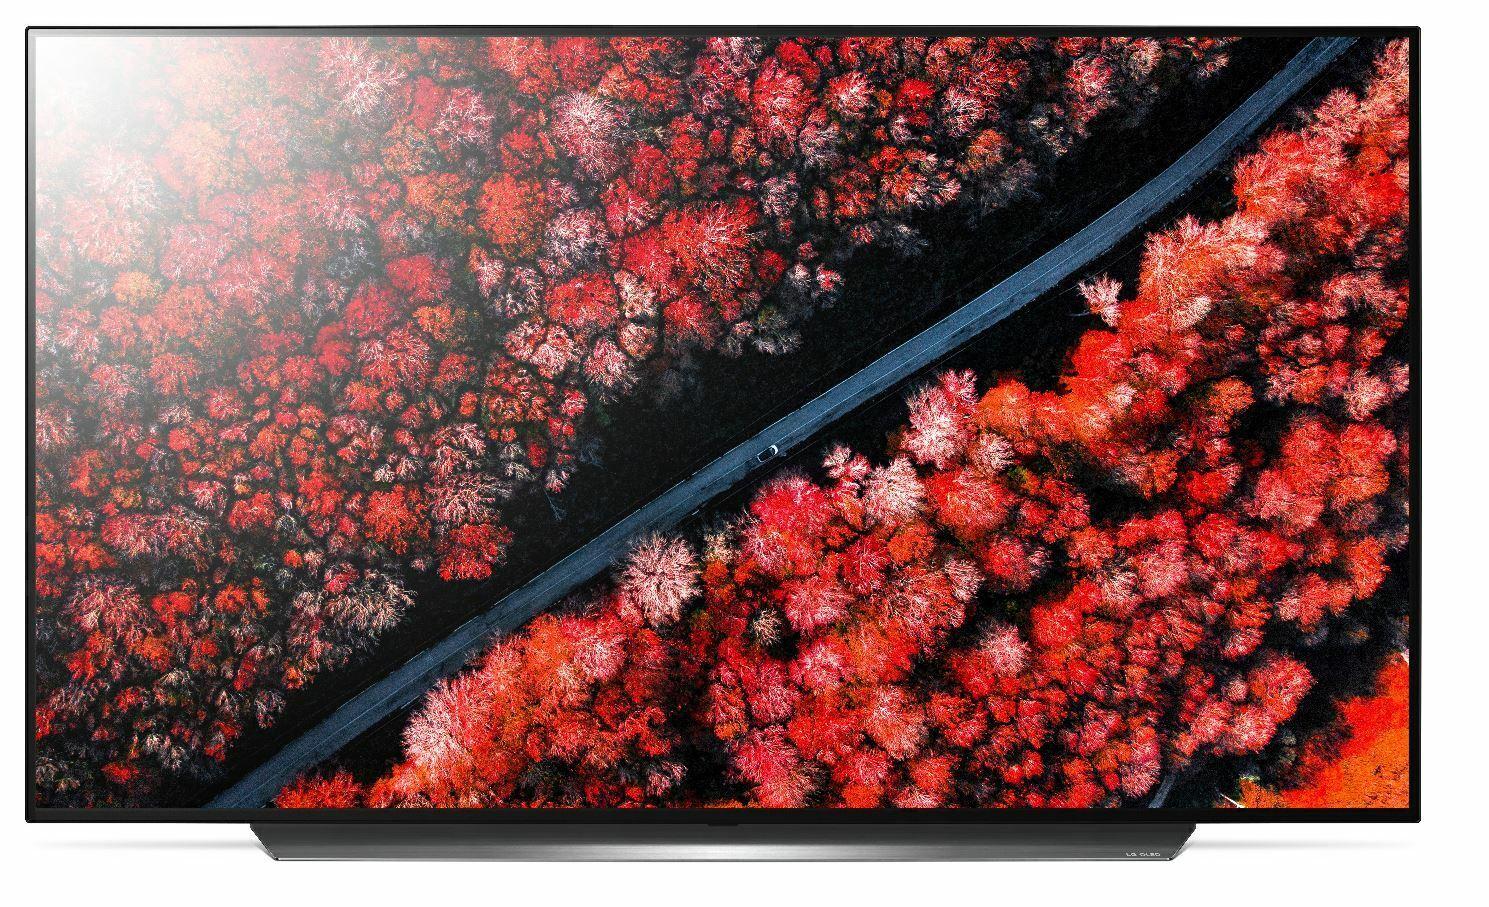 LG OLED 55 C 97 LA 55 Zoll OLED 4K UHD Smart TV